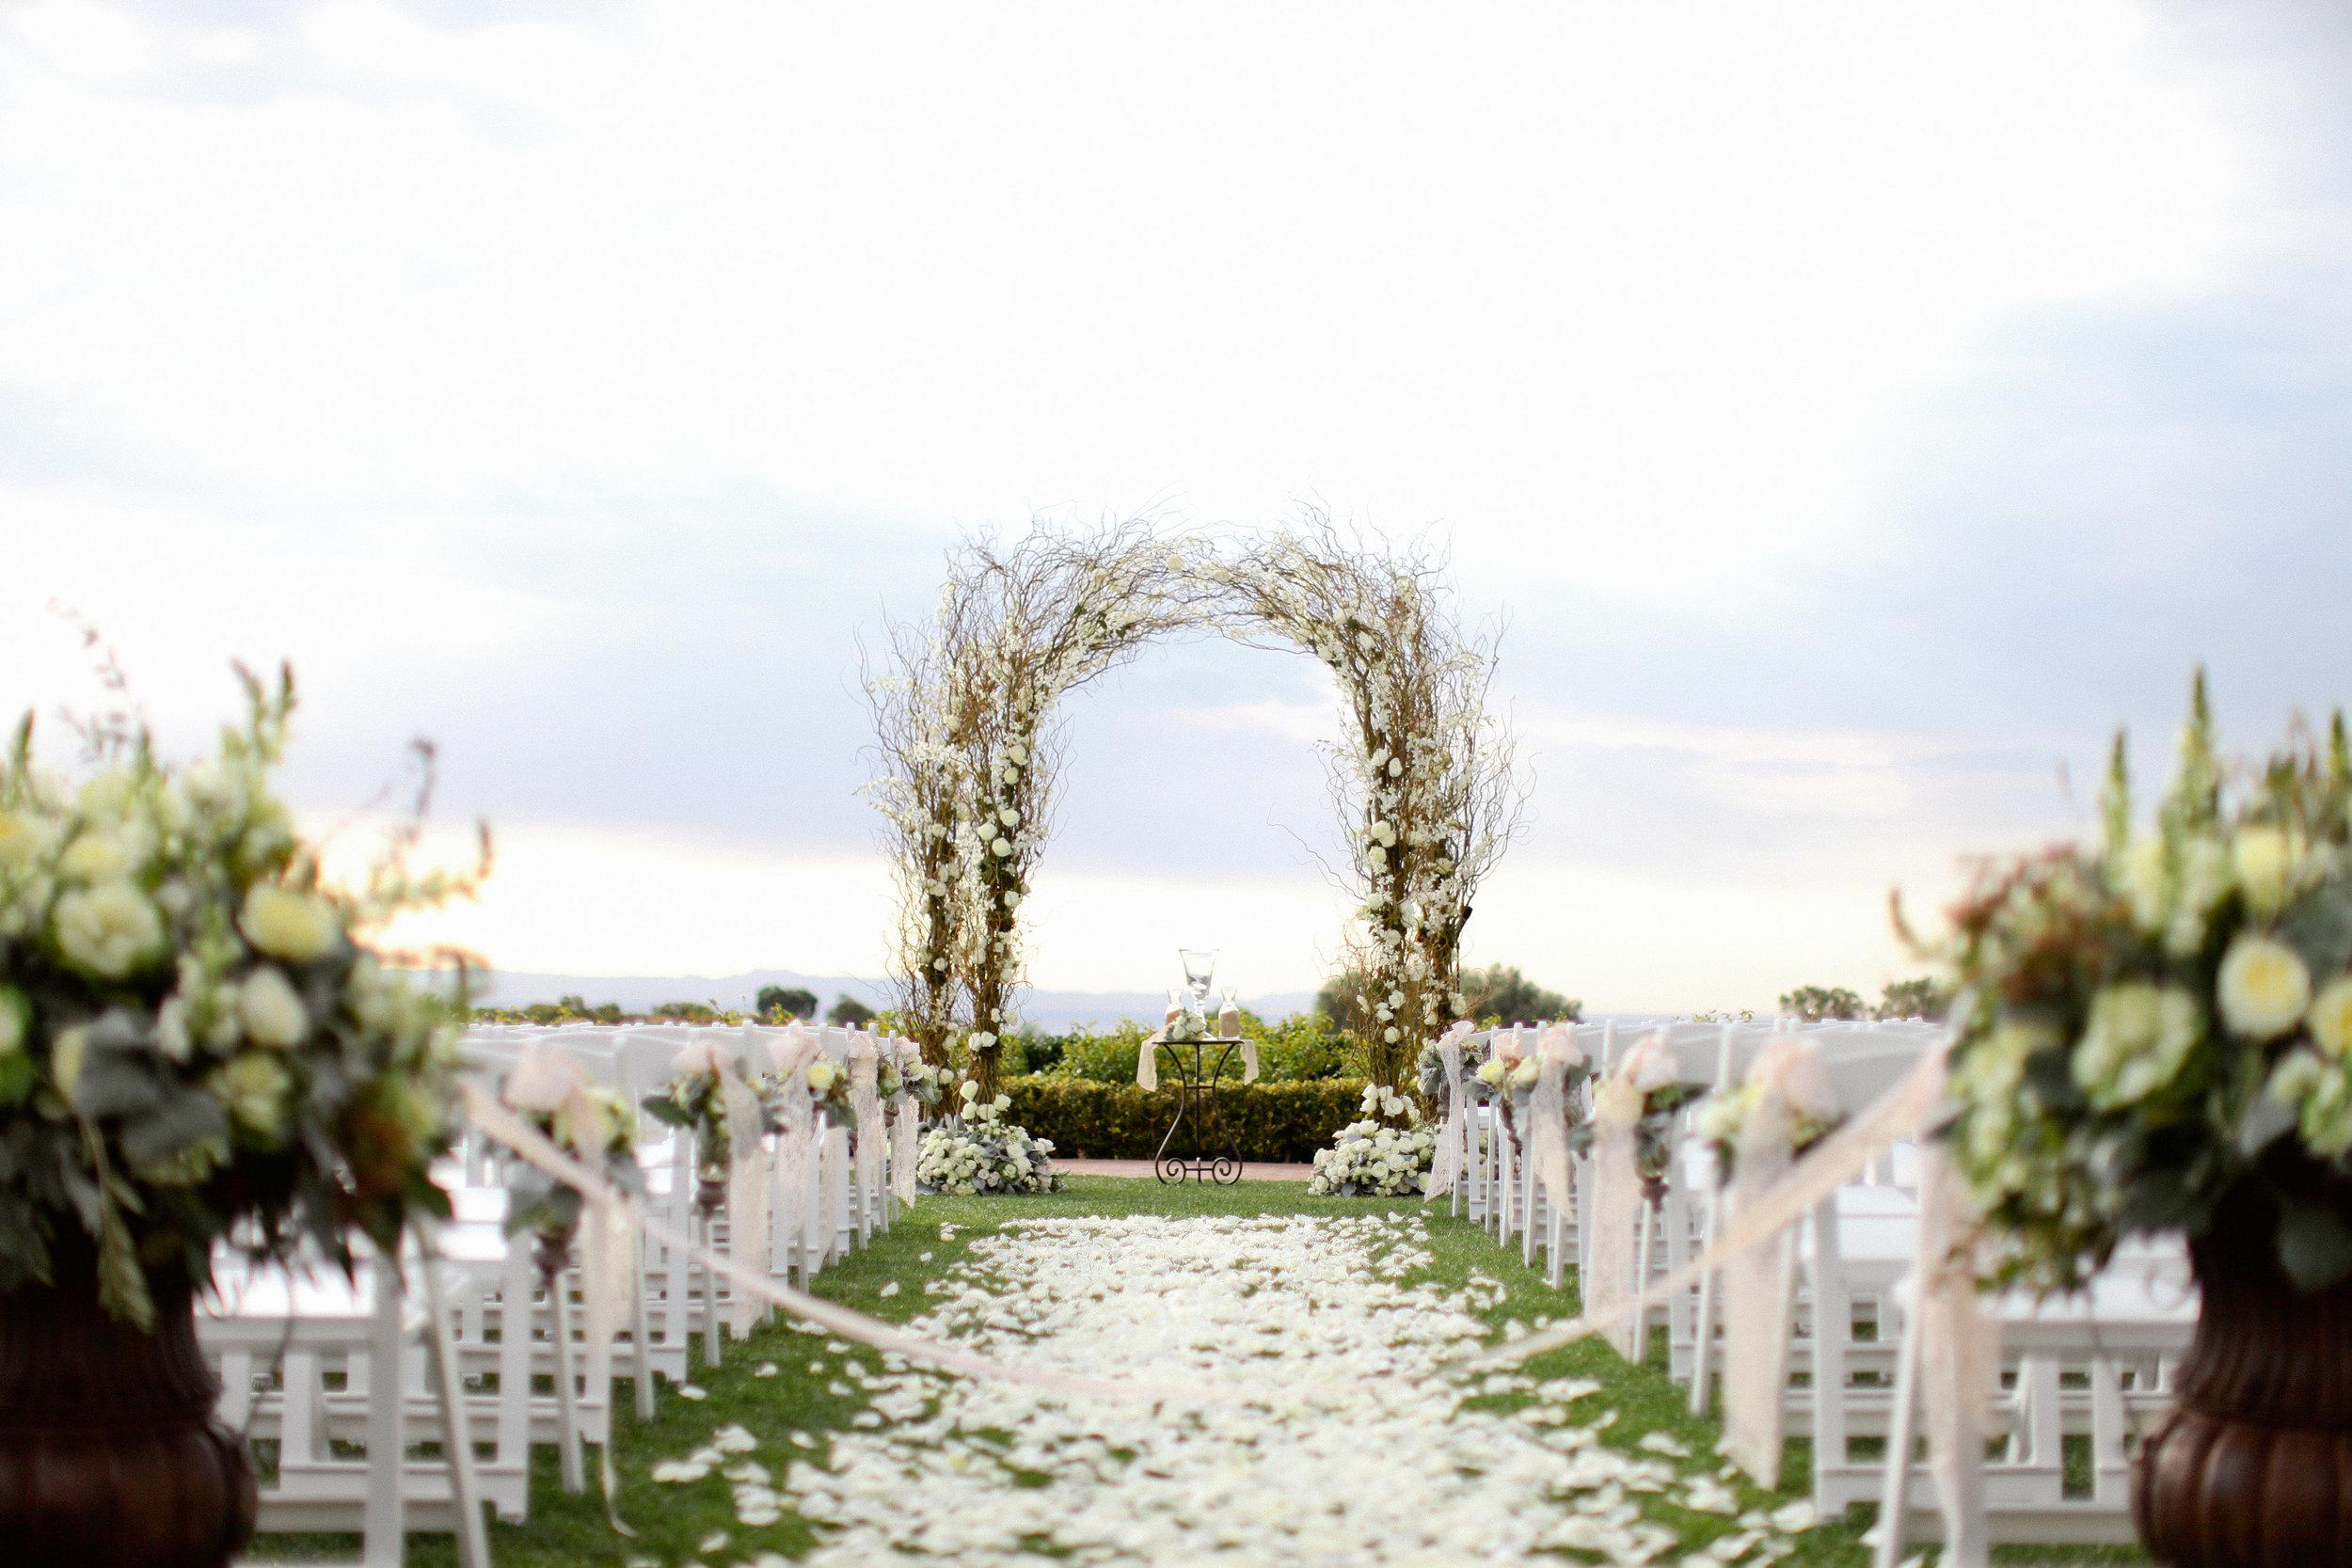 Carma's Wedding for Annette-0061.jpg